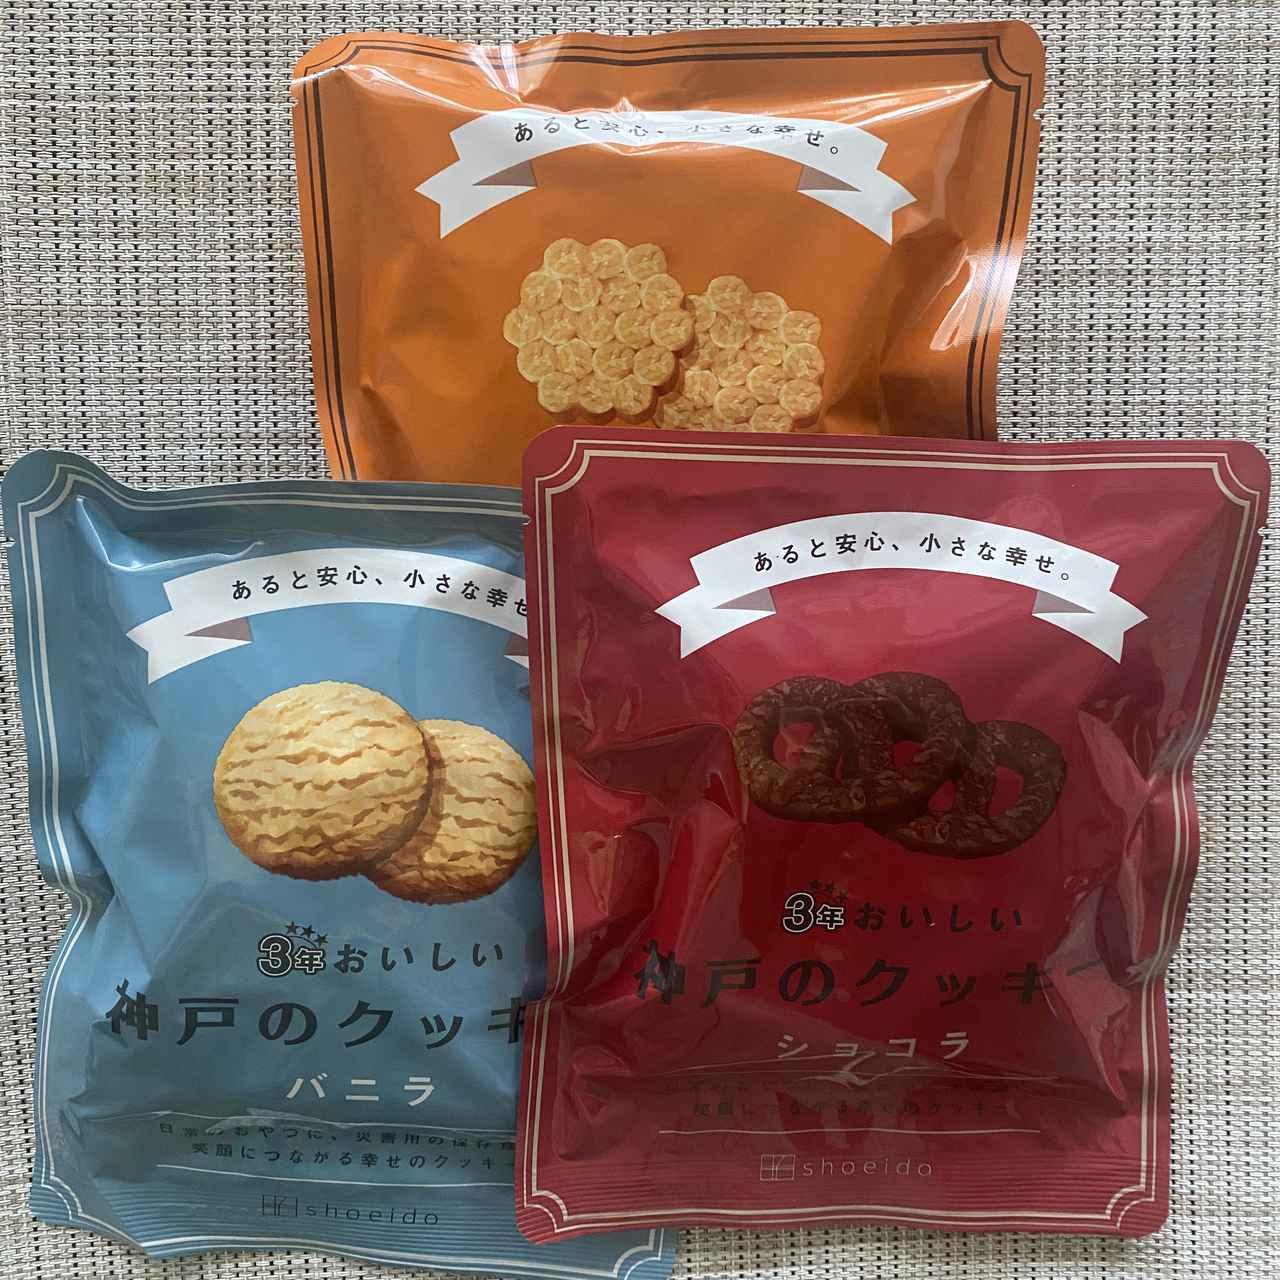 画像1: 防災コーナーで一目ぼれ⁉ 3年美味しい神戸のクッキー